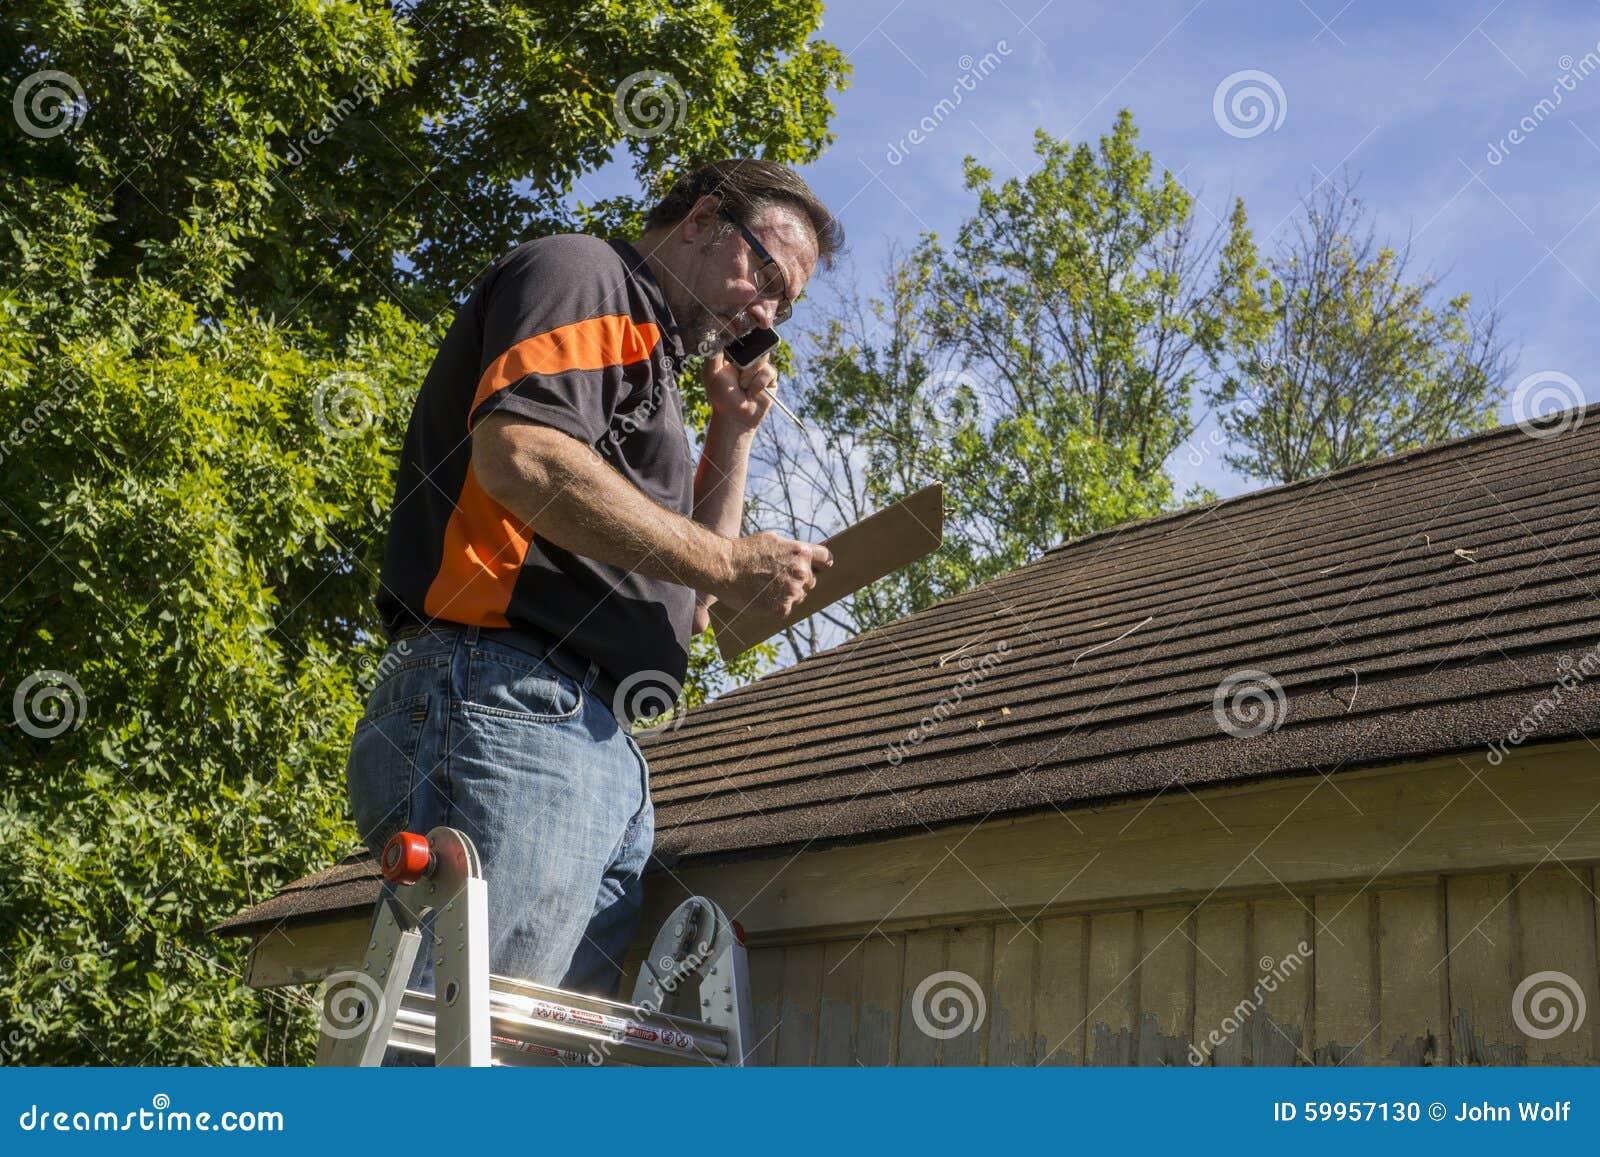 Contractant op Ladder die Hagelschade Reairs aan Dak voorstellen